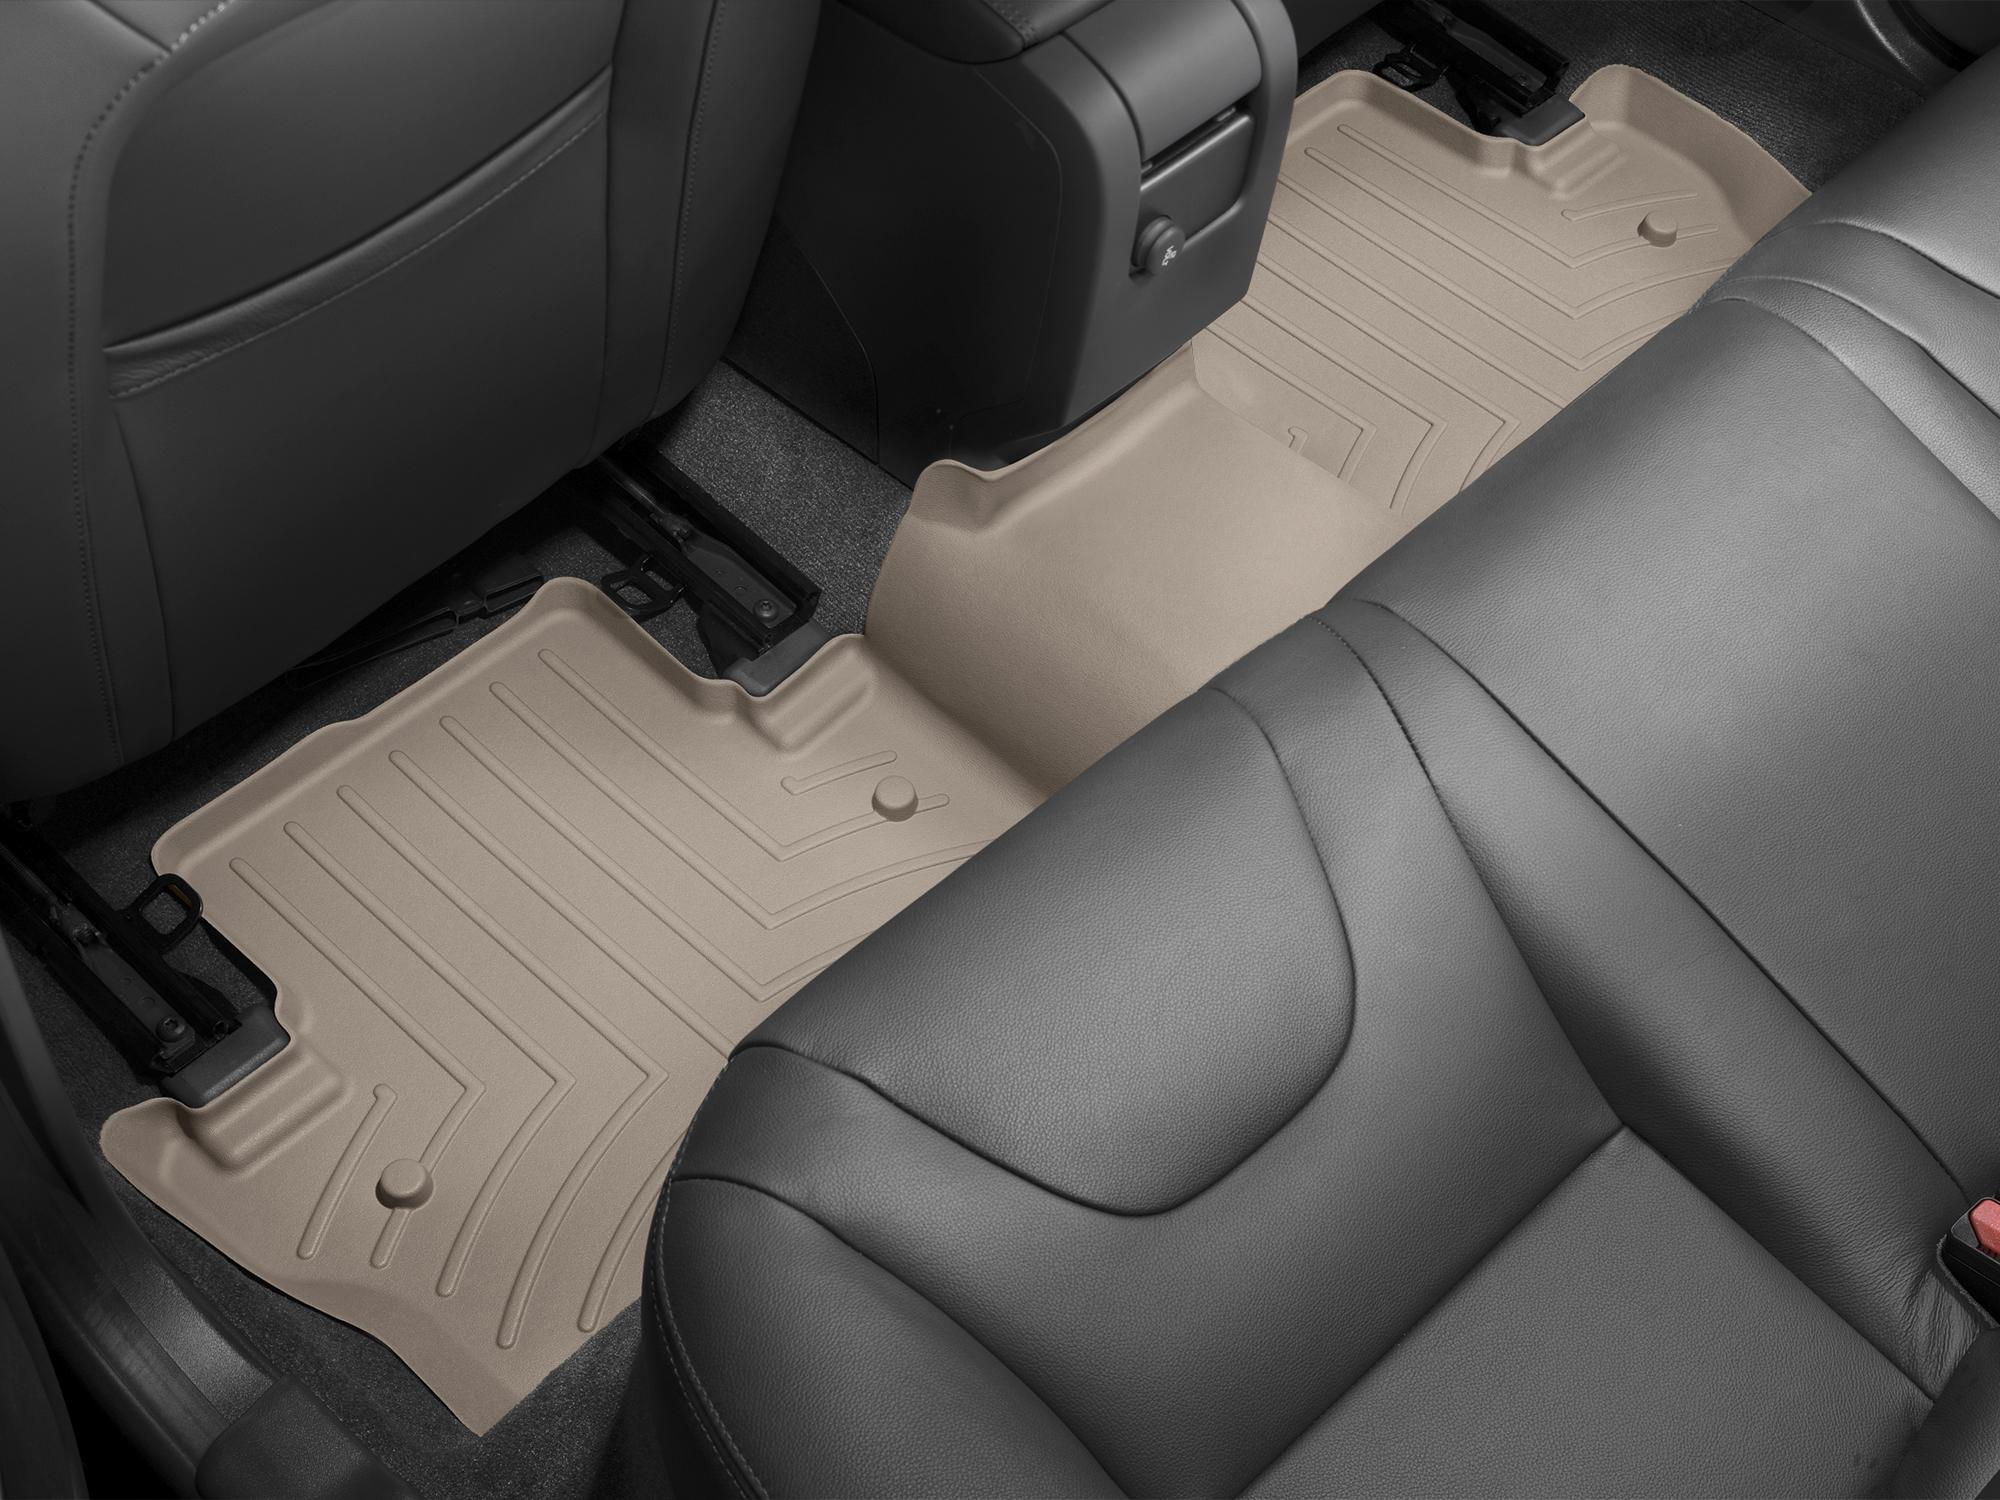 Tappeti gomma su misura bordo alto Volvo V60 Cross Country 15>17 Marrone A4403*